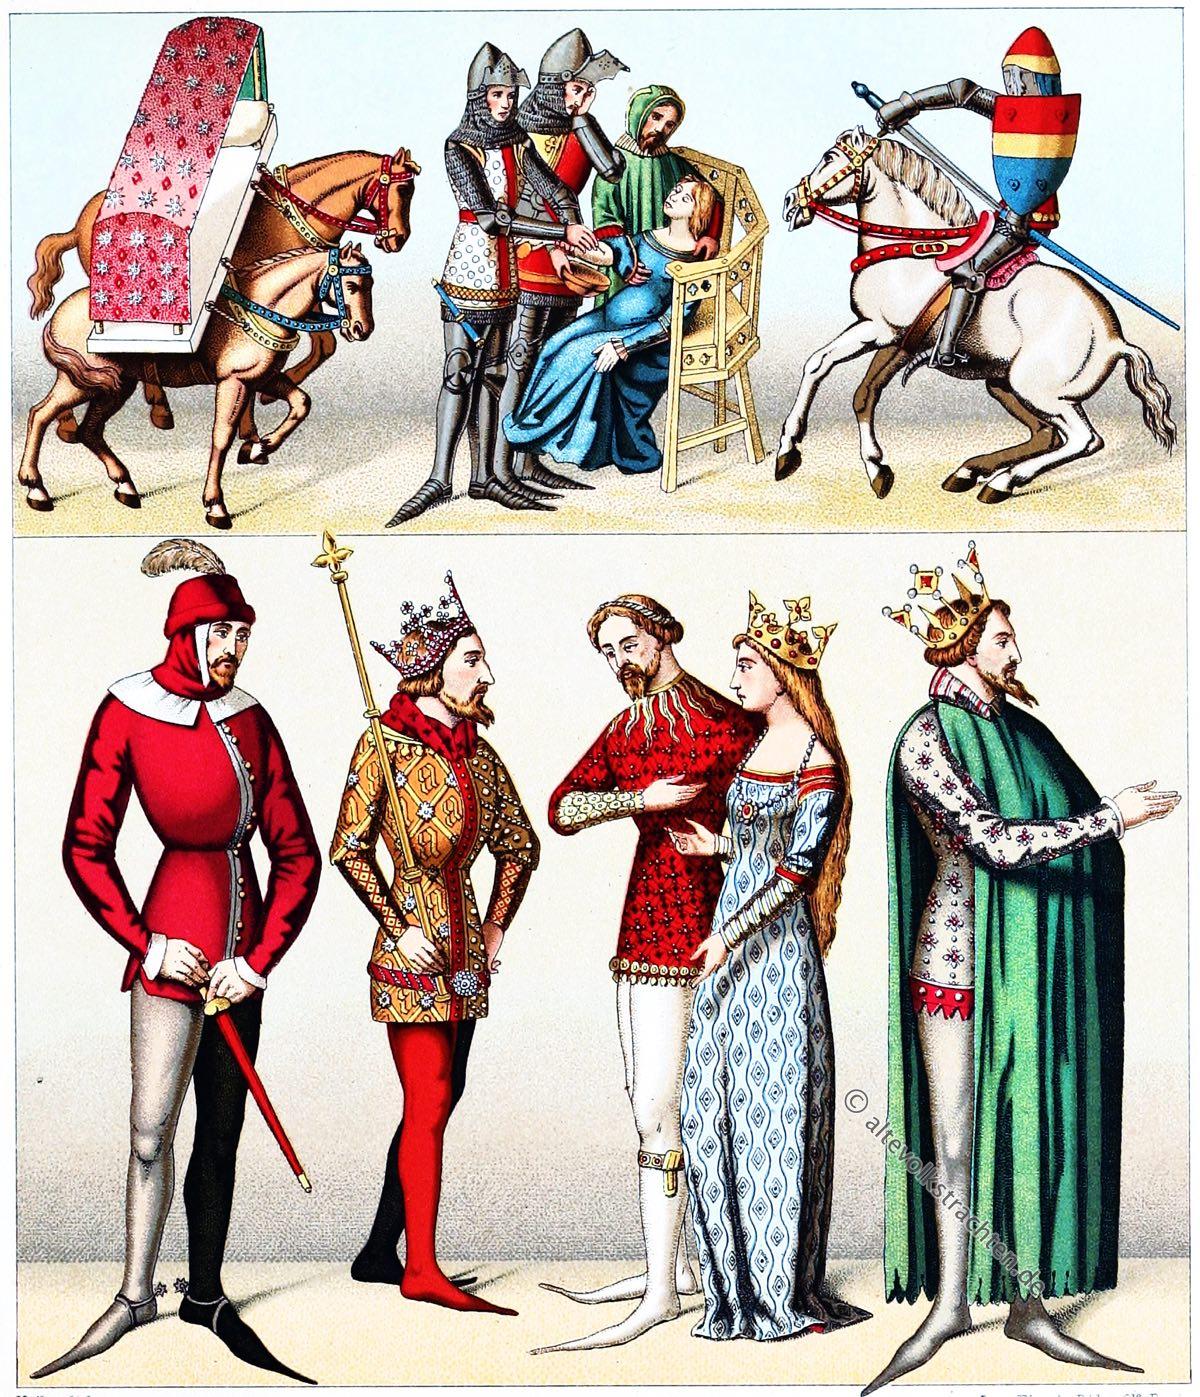 Kriegstrachten, Kostüme, Mittelalter, Frankreich, Schnabelschuhe, Cote, Ritter, Auguste Racinet